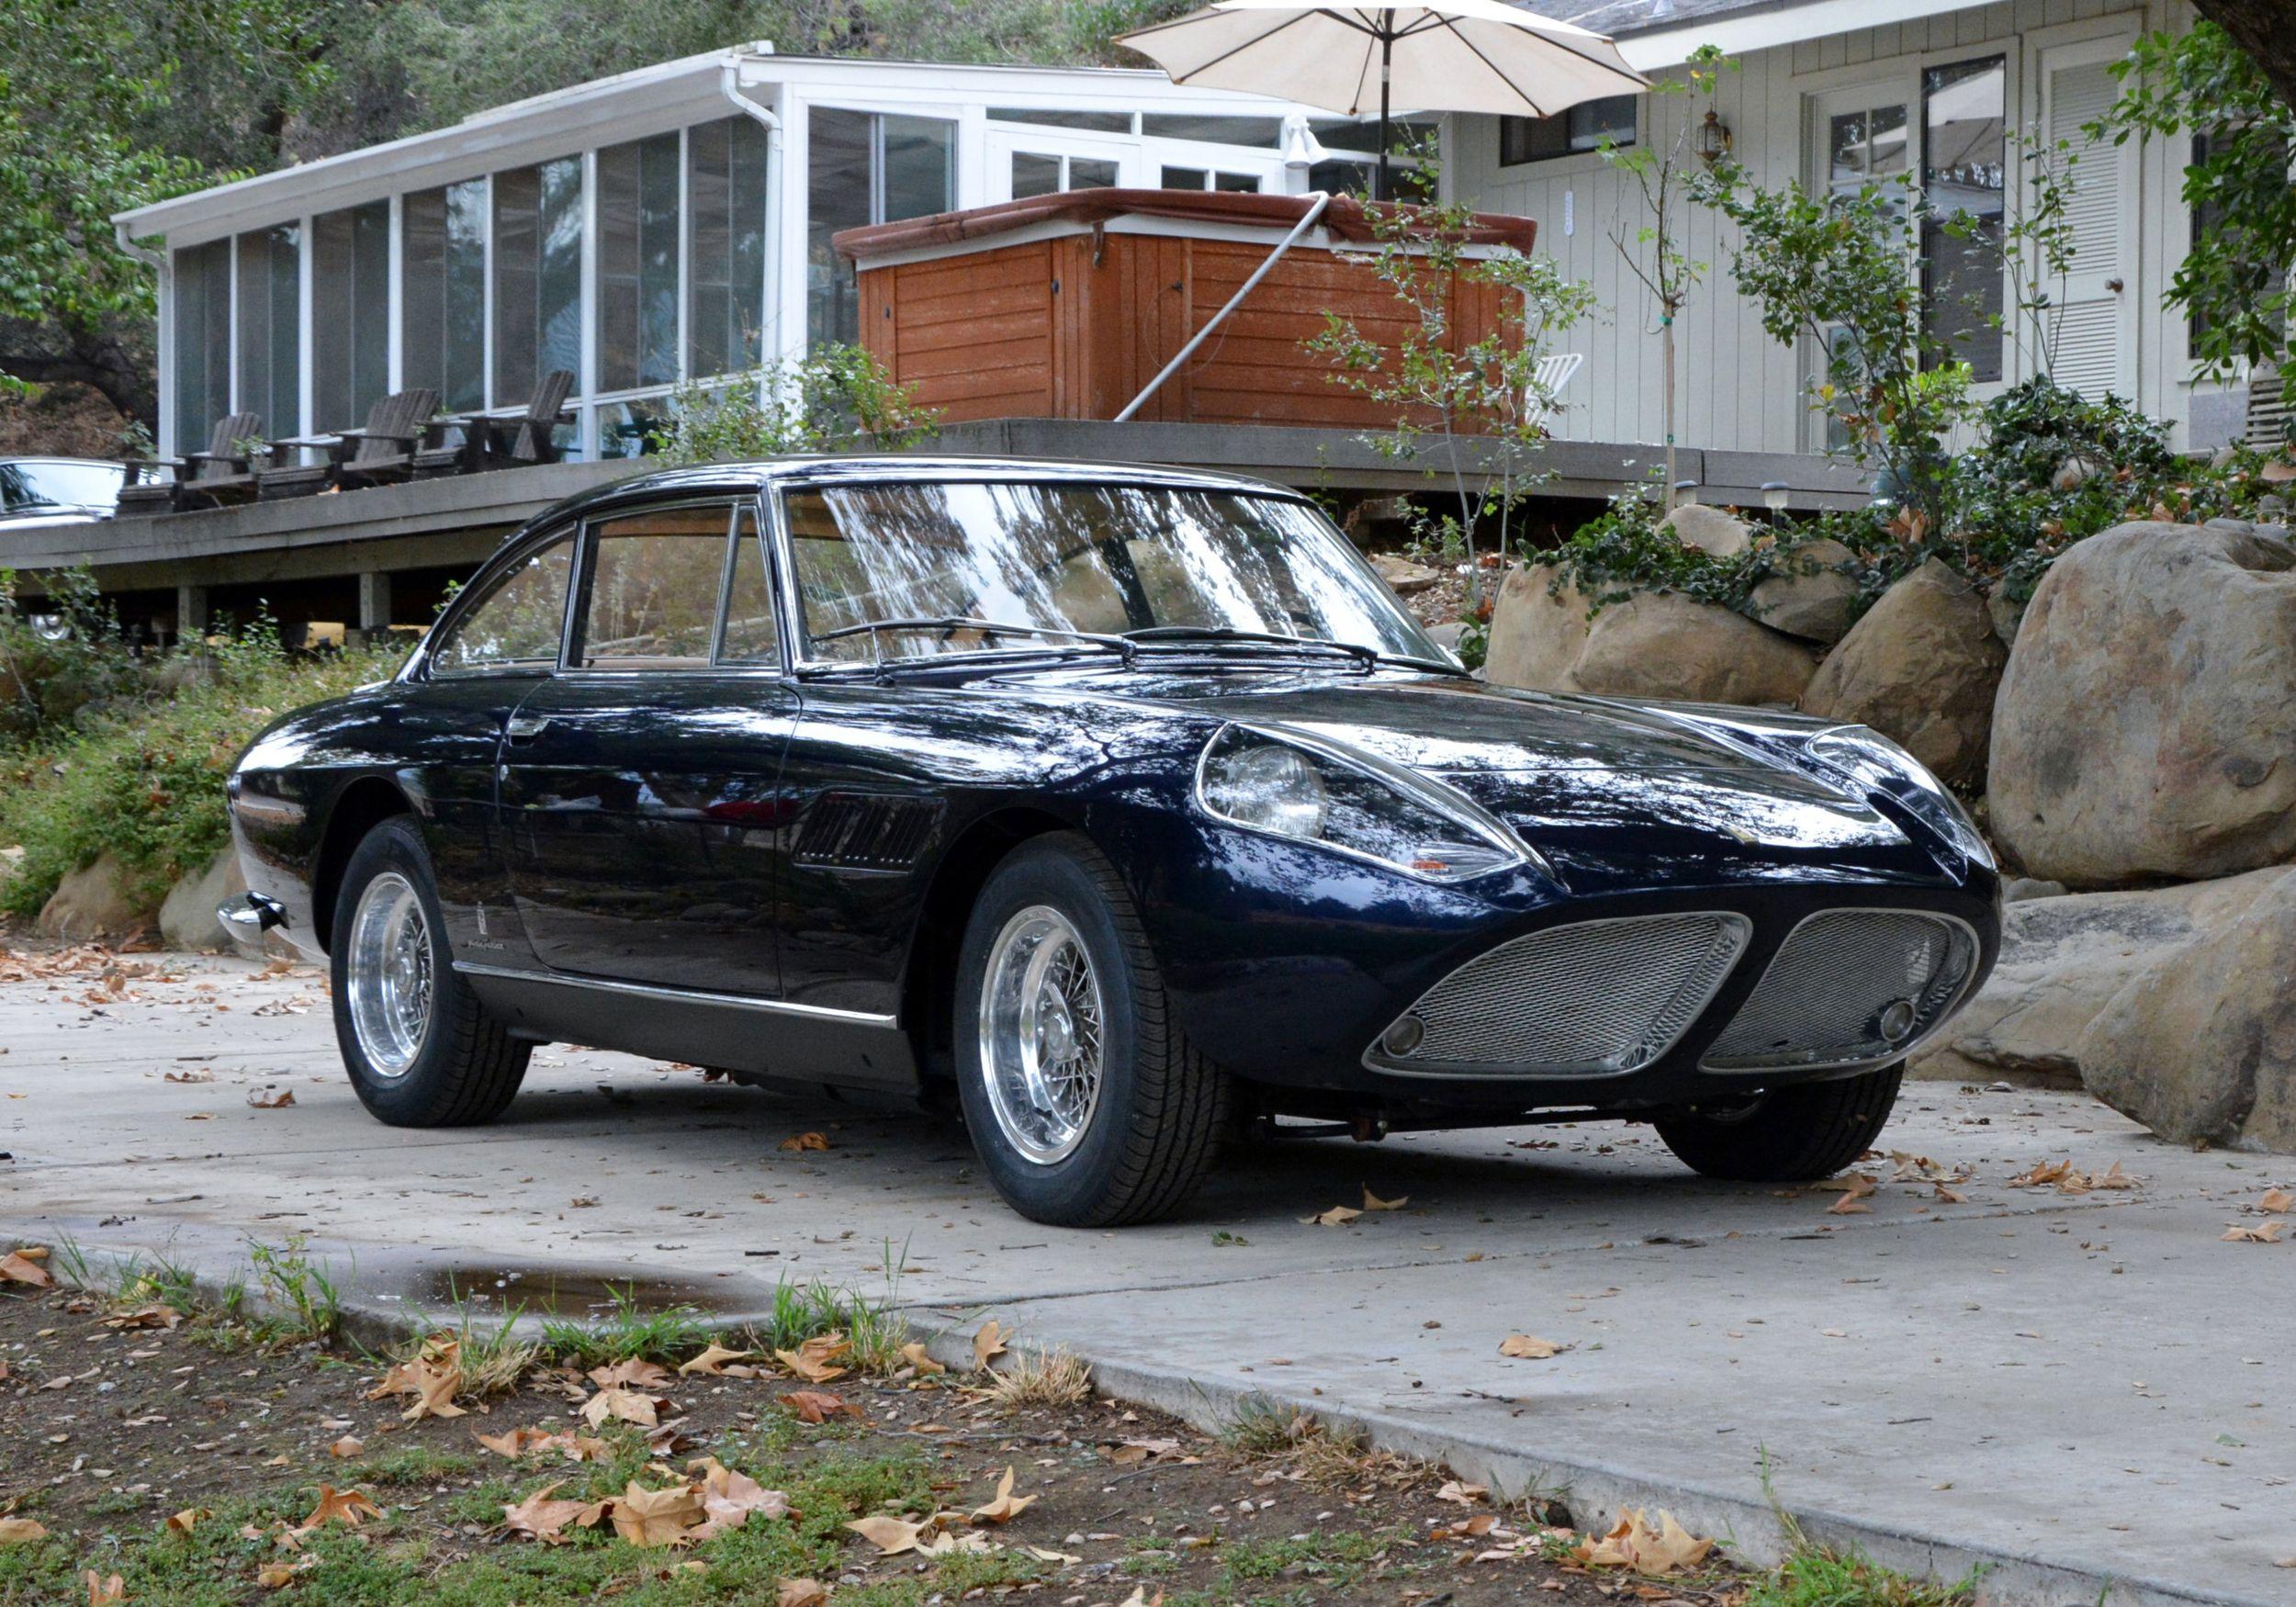 1965 Ferrari 330 Gt Shark Nose Photo Gallery Ferrari Ferrari Car Car